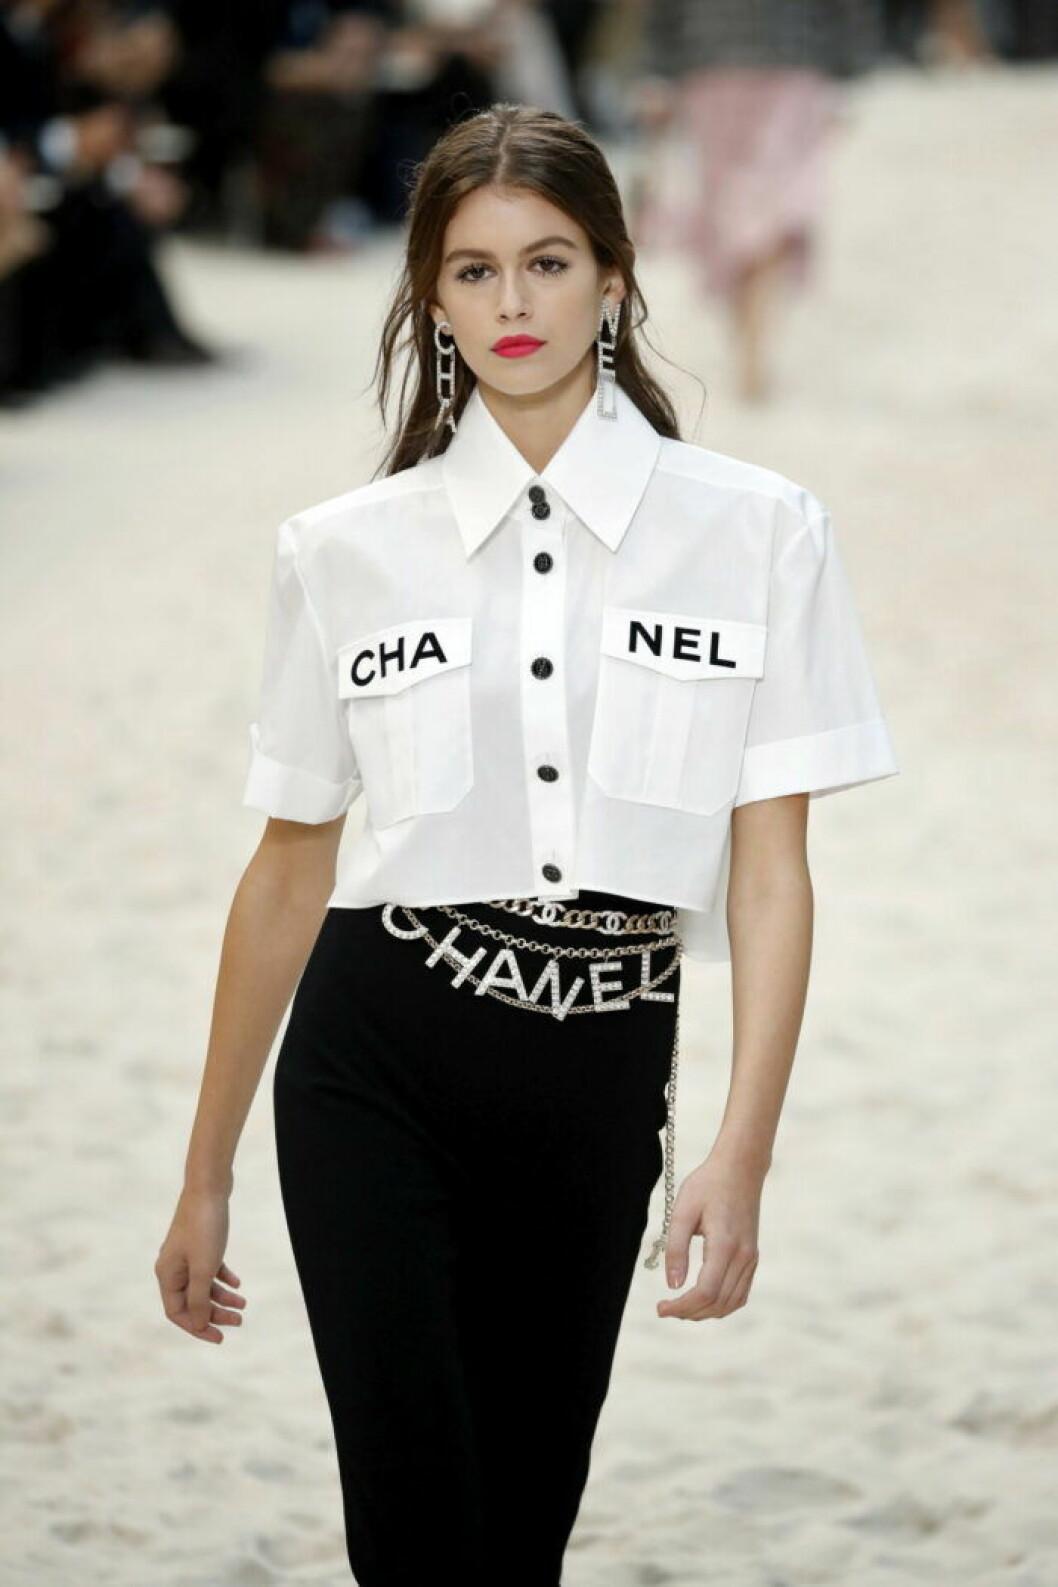 Karl Lagerfelds visning för Chanel 2019, vit skjorta med chaneltryck och ett glittrigt chanelbälte.